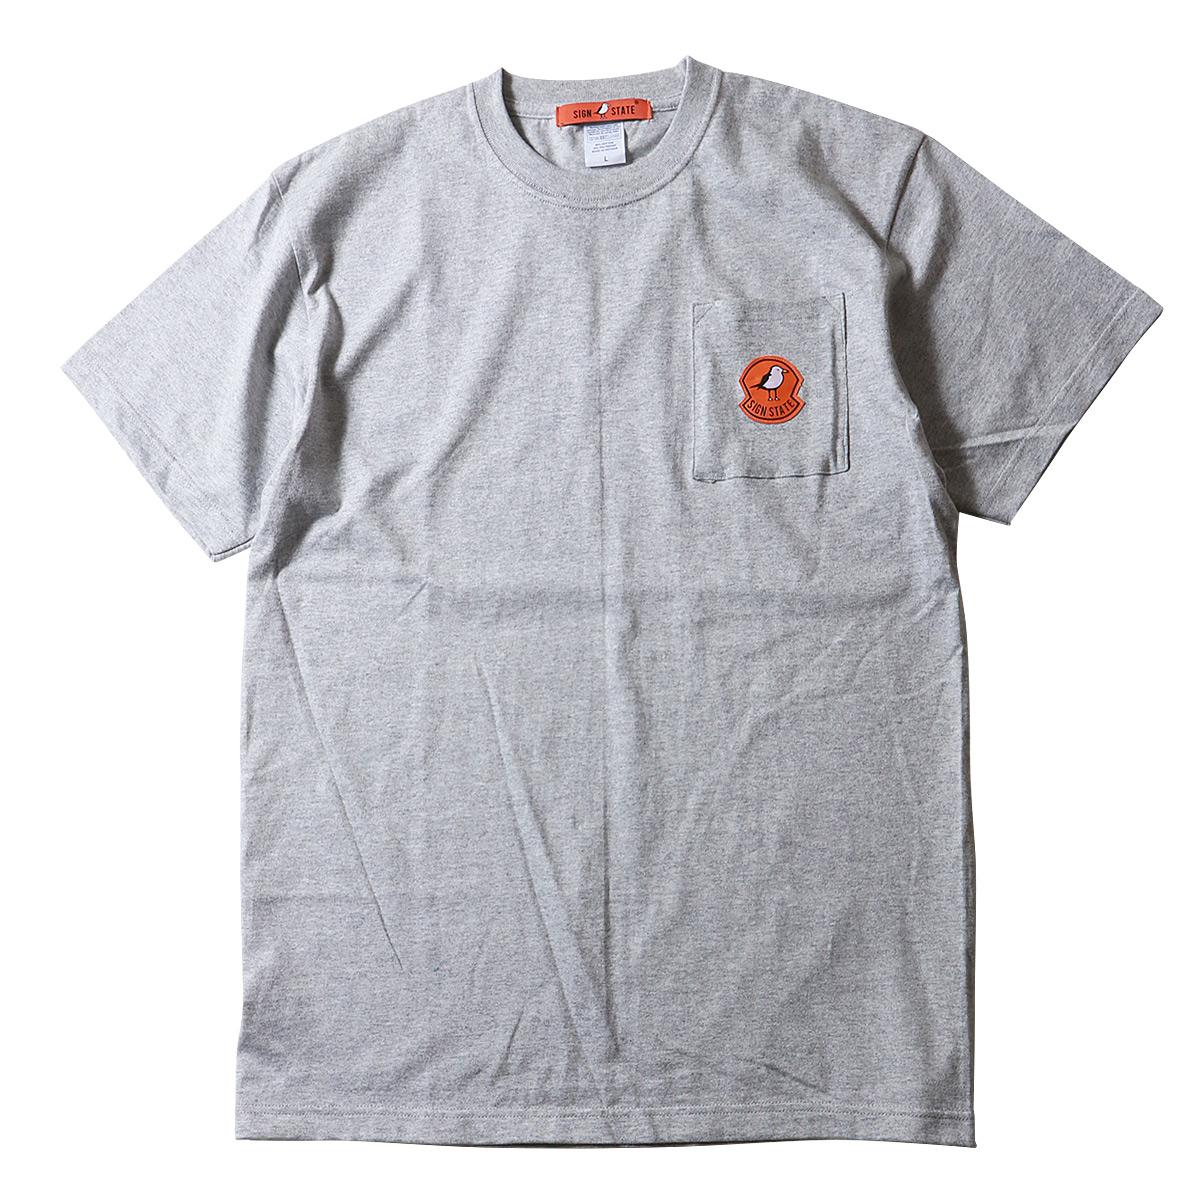 SIGN STATE ヘビーボディ10カラー ポケット付きTシャツ サインステート アメカジ サーフ メンズ ポケットTシャツ